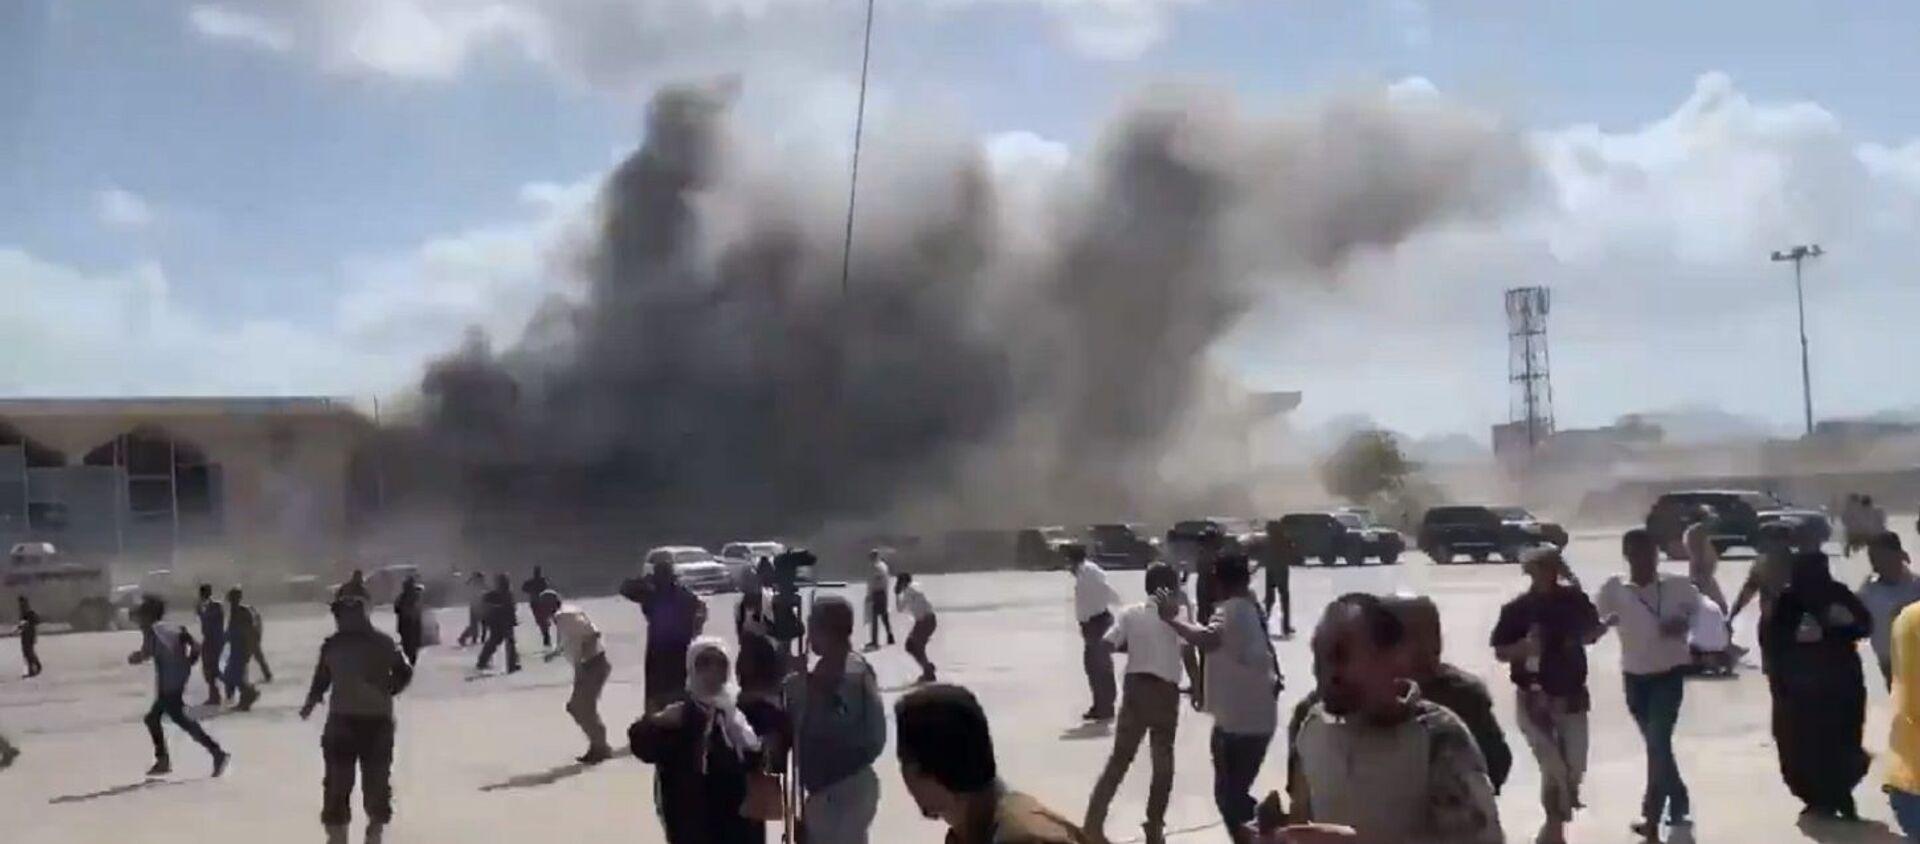 Esplosione all'aeroporto di Aden in Yemen  - Sputnik Italia, 1920, 30.01.2021